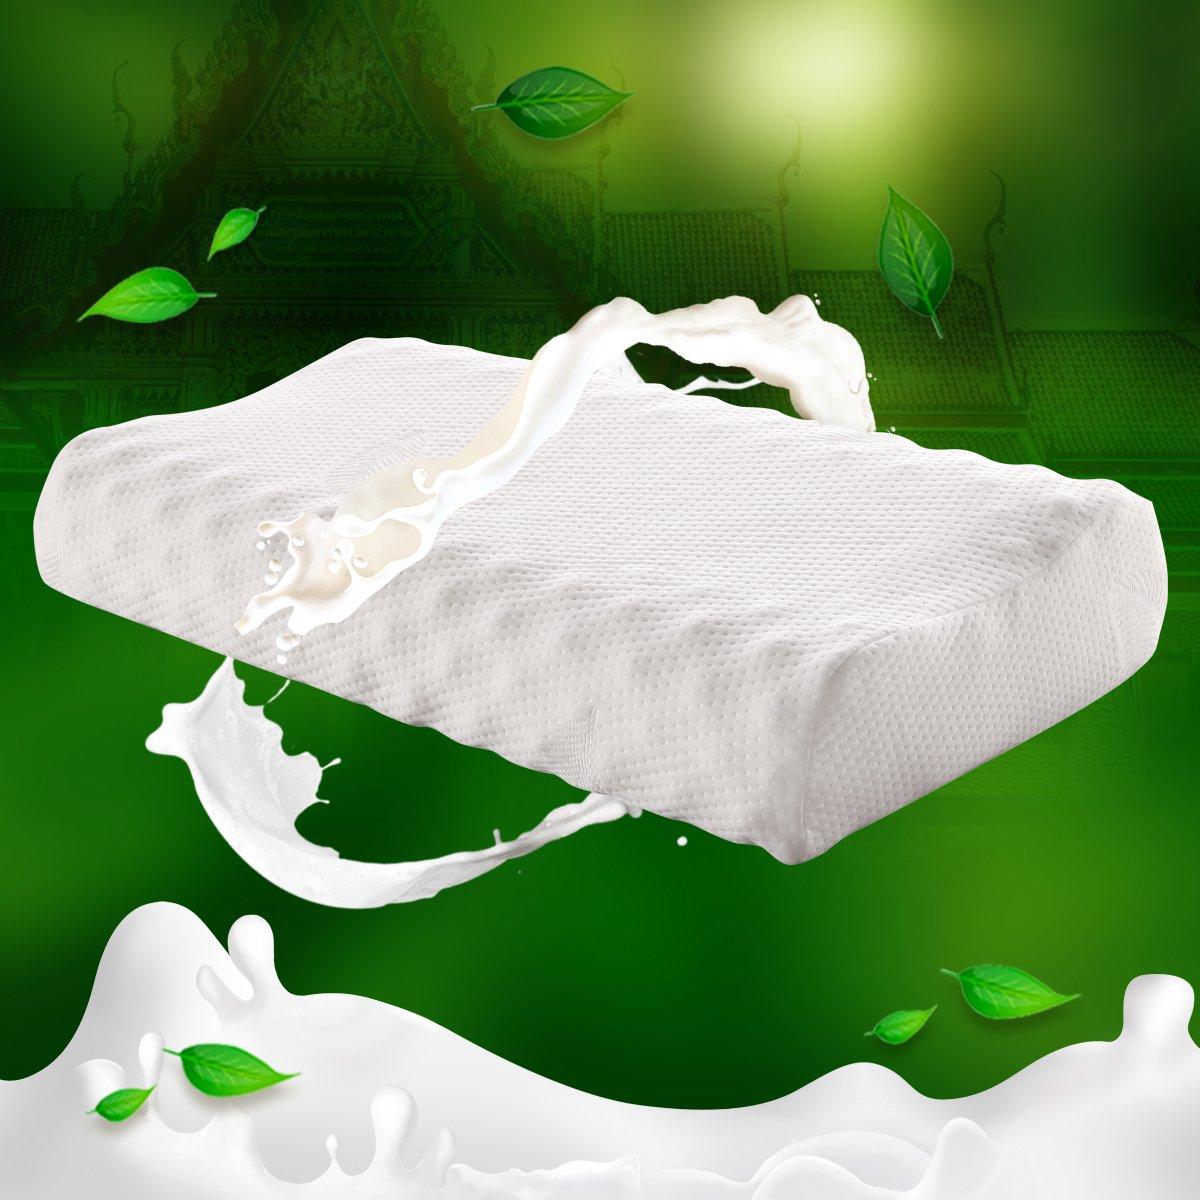 泰国进口天然乳胶按摩枕 针织外套 枕头 乳胶枕